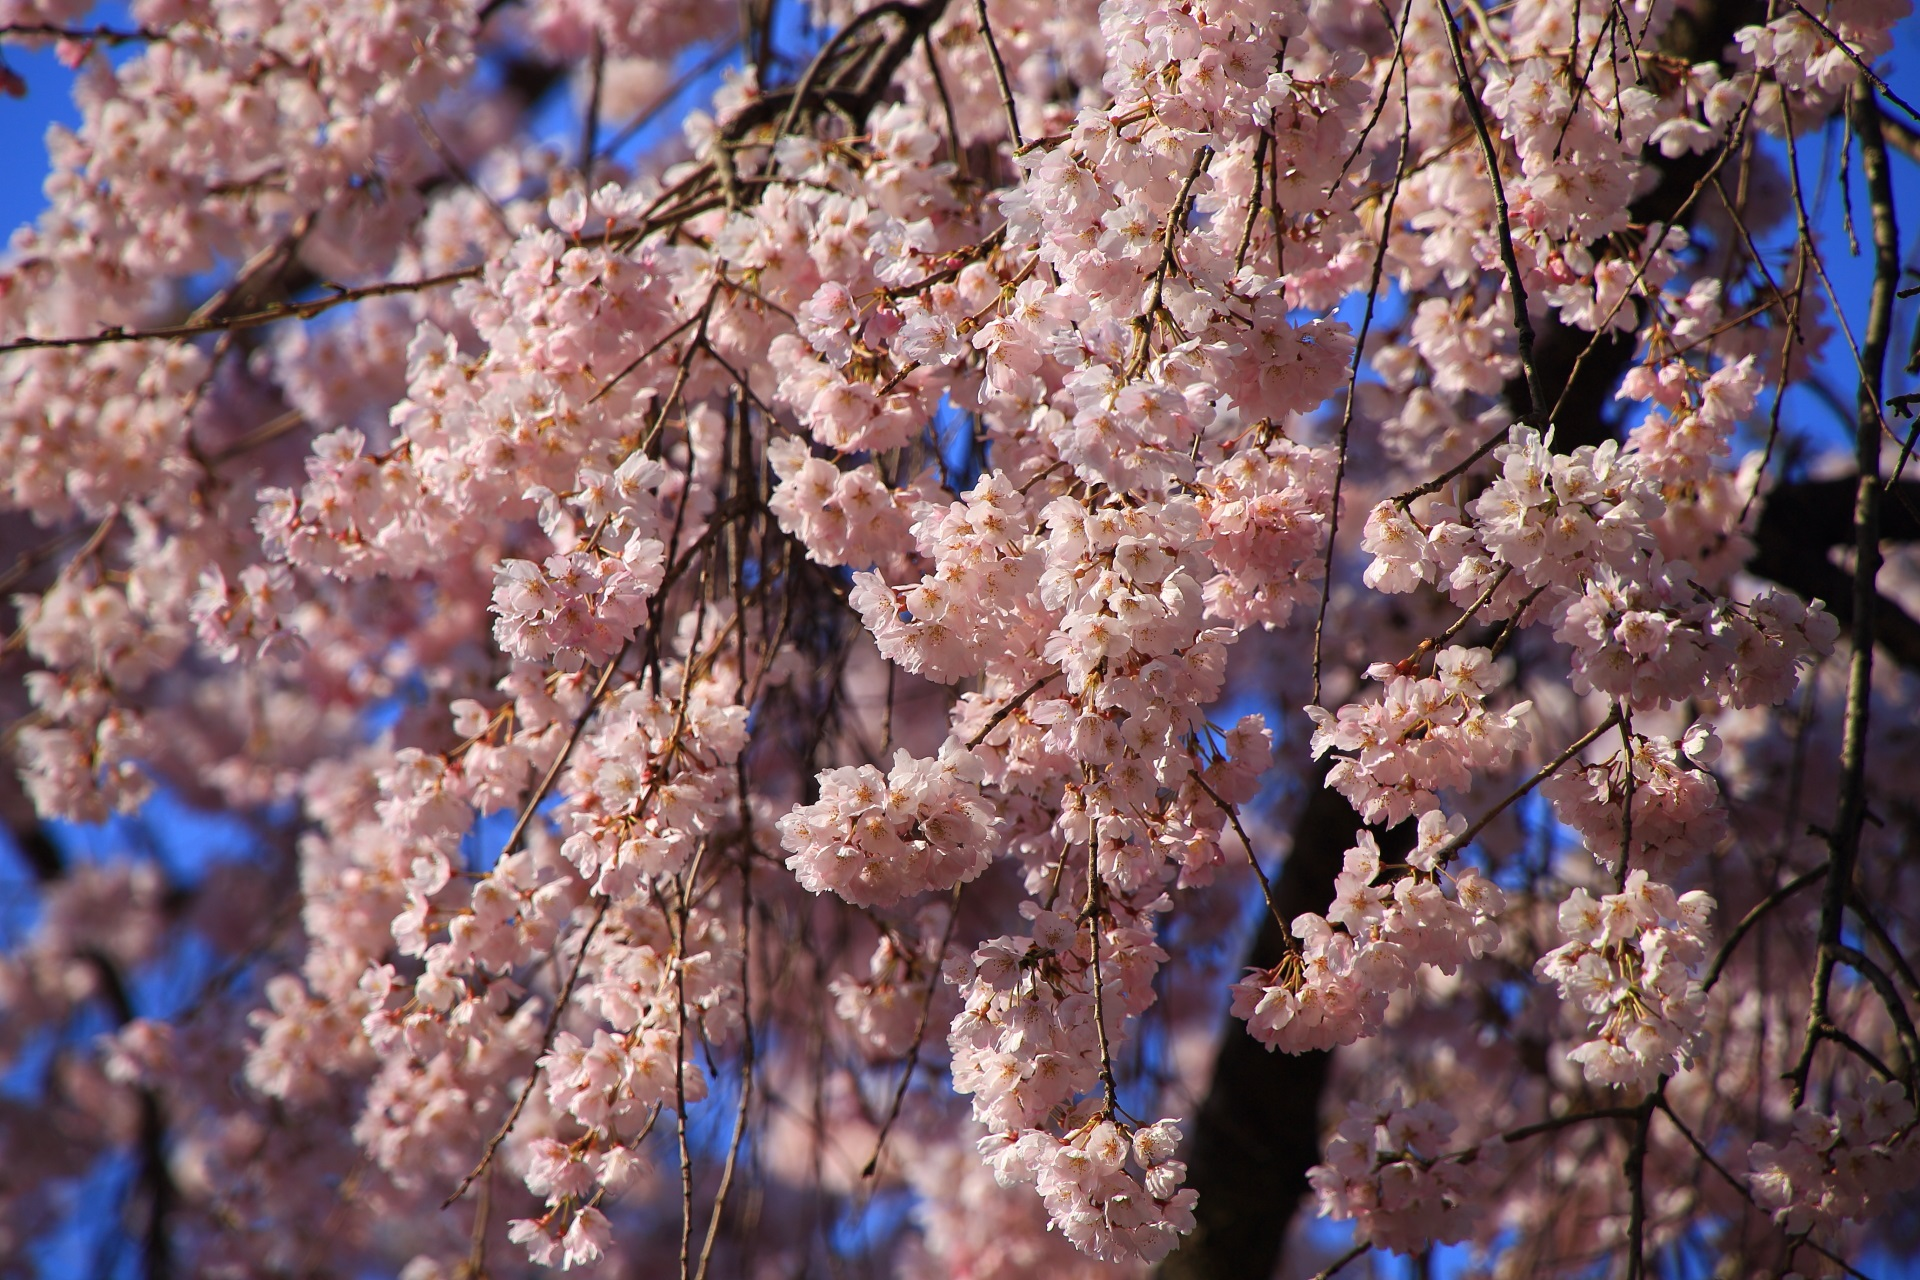 縣神社の華やかに咲き誇る木の花桜